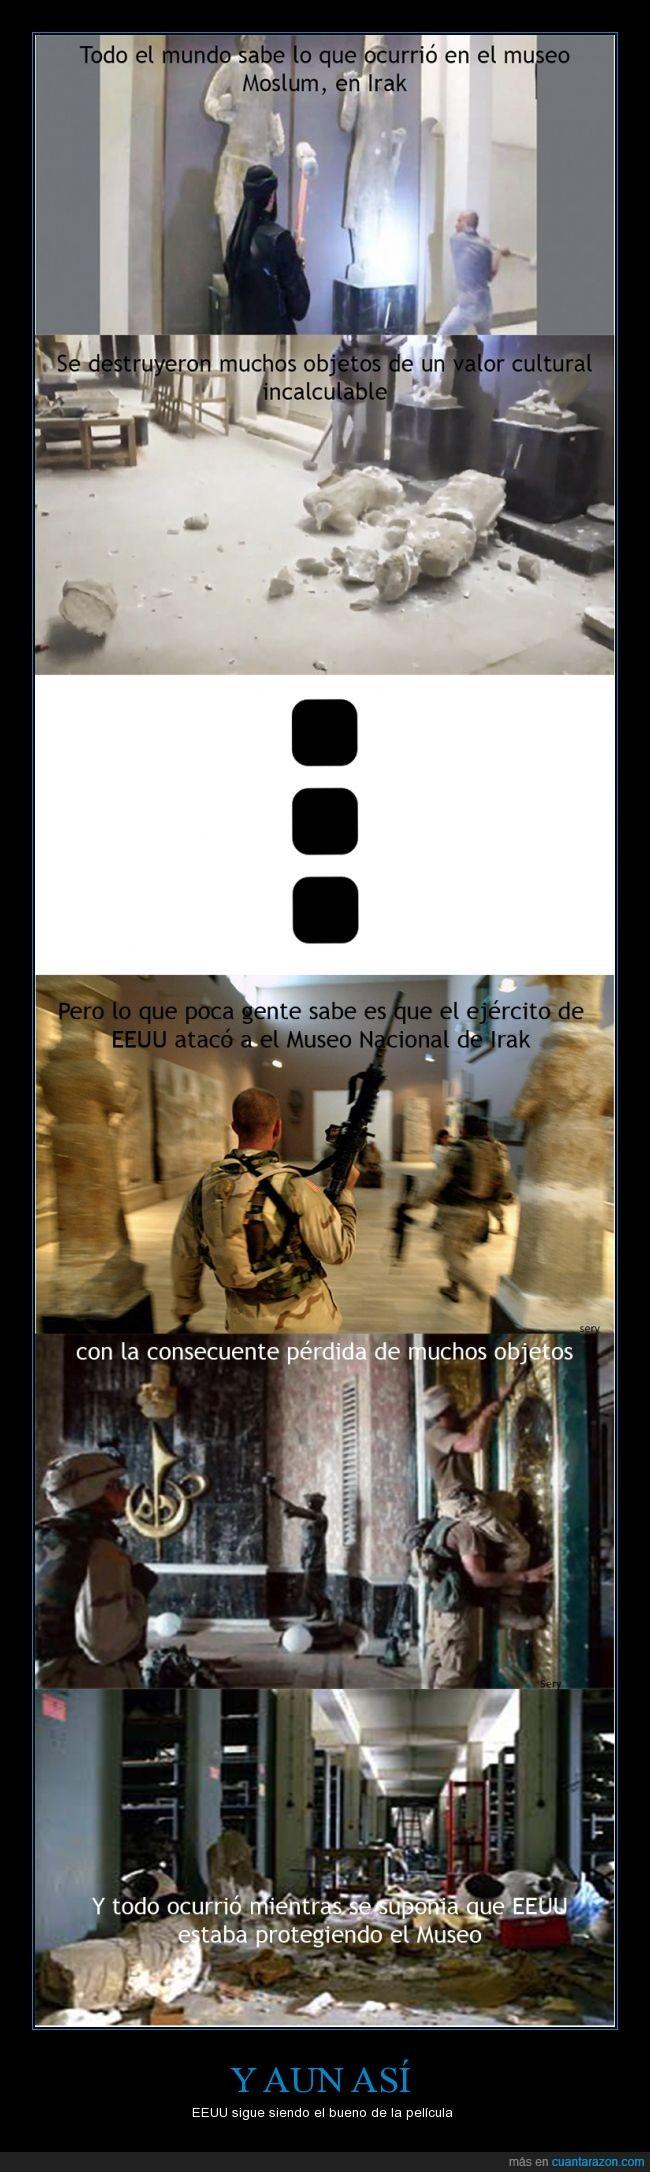 2 saqueos,cultura,Destrucción,EEUU,isis,museo,terroristas,yihadistas